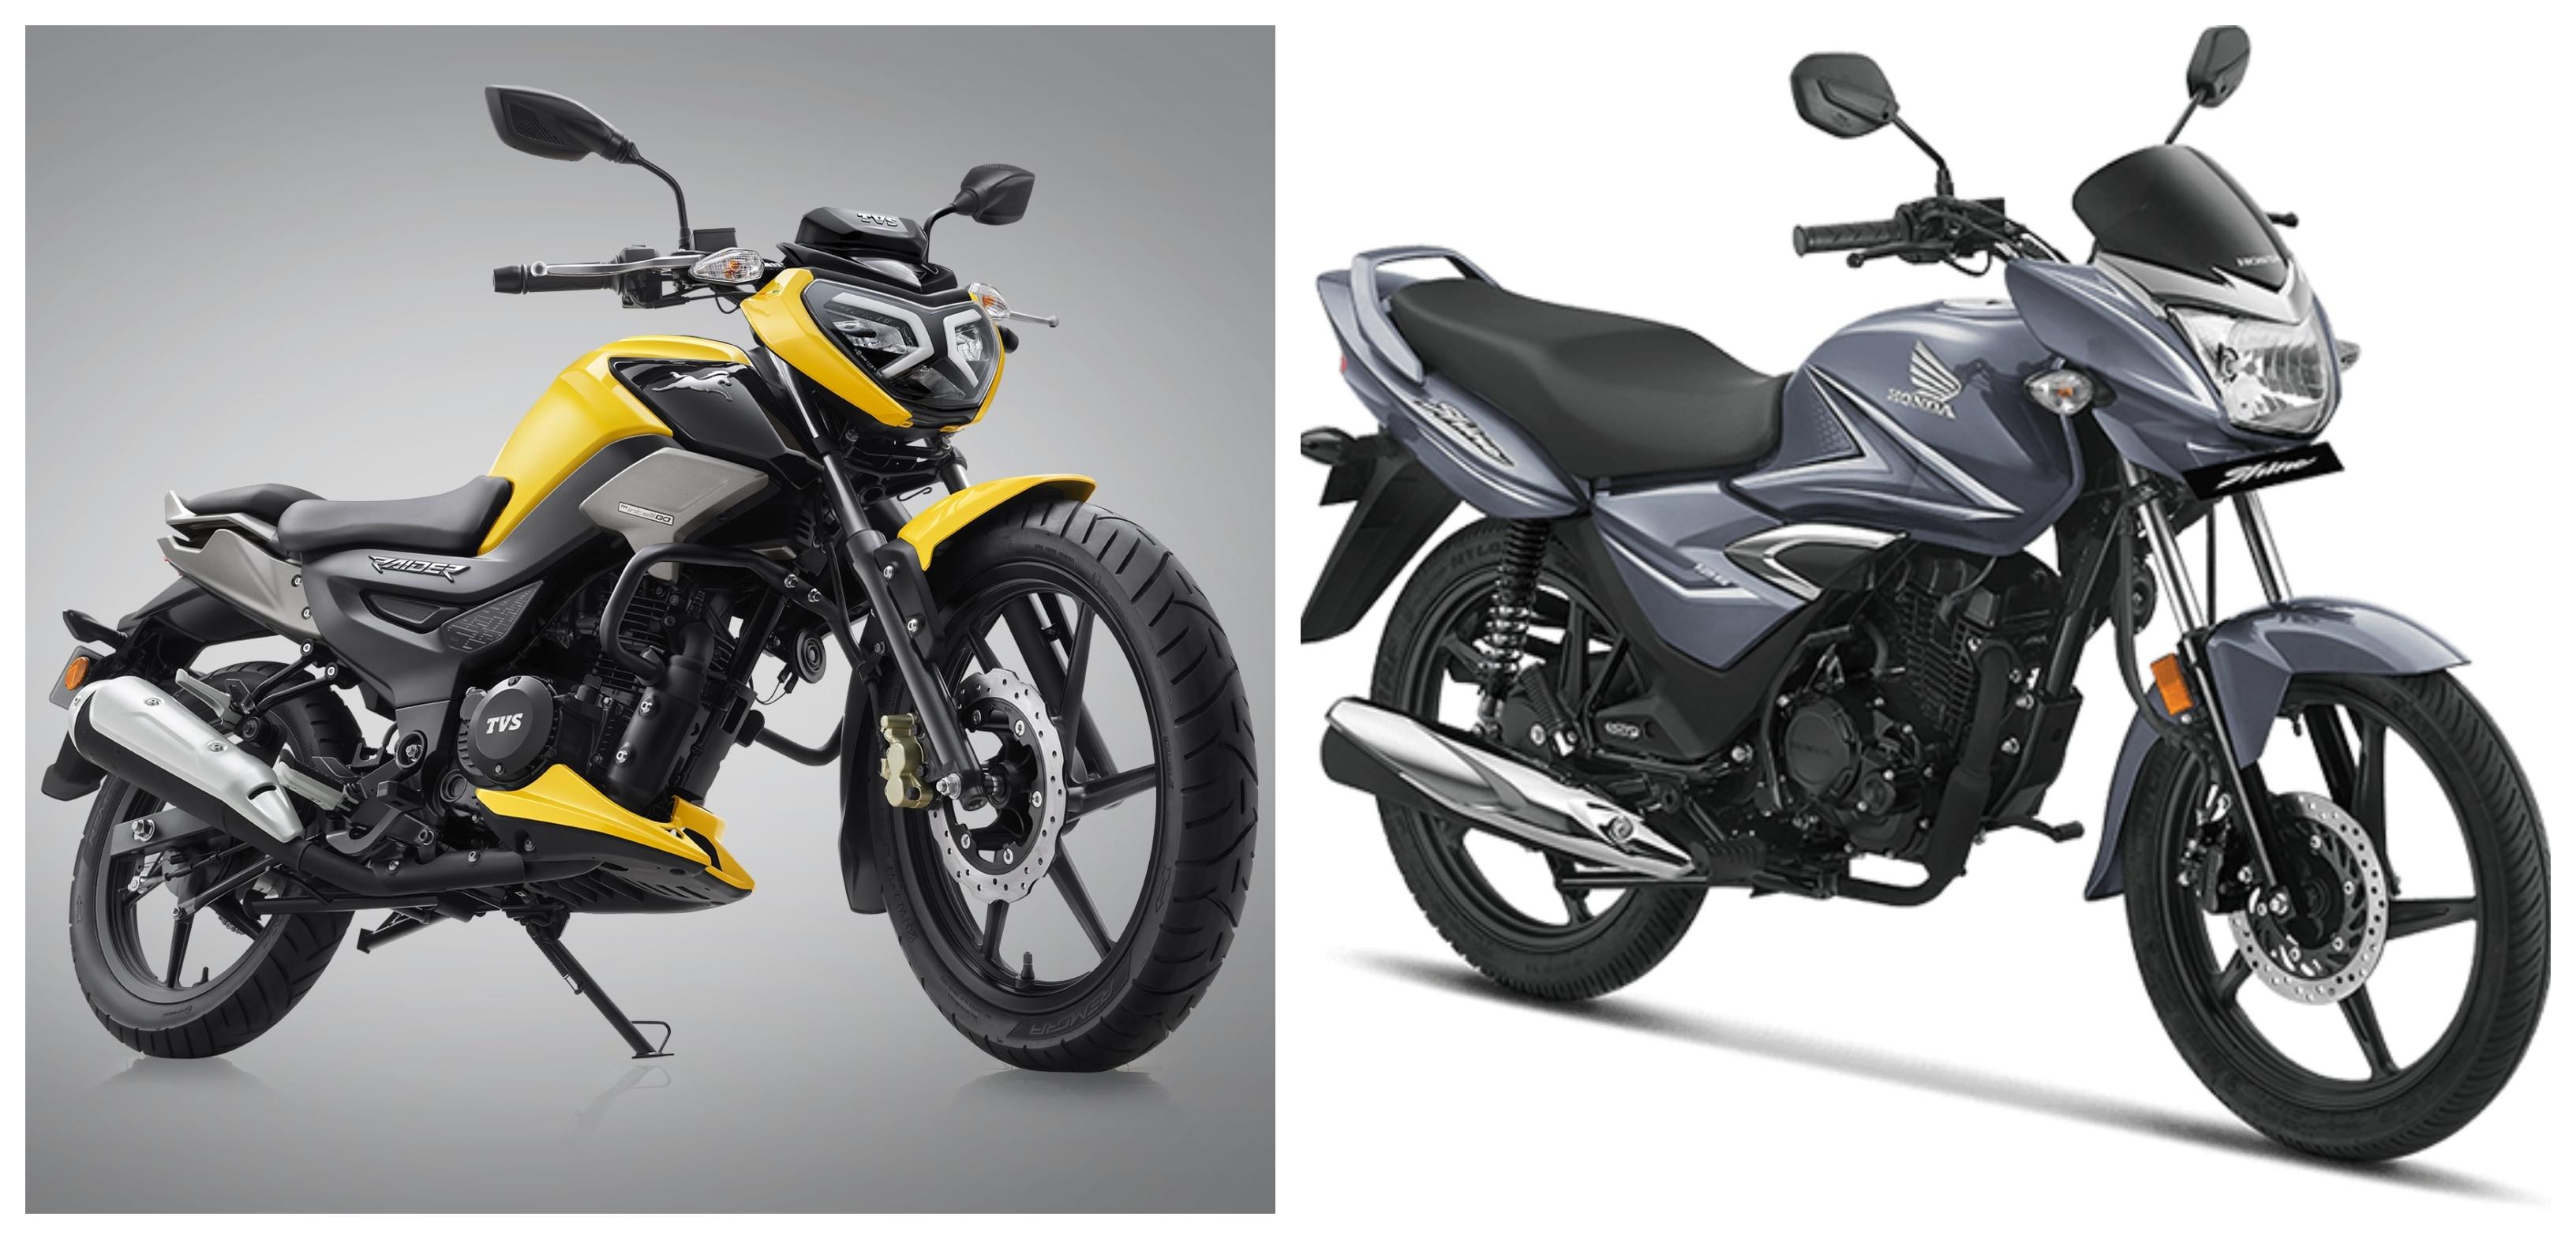 TVS Raider vs Honda Shine: Photo Comparison